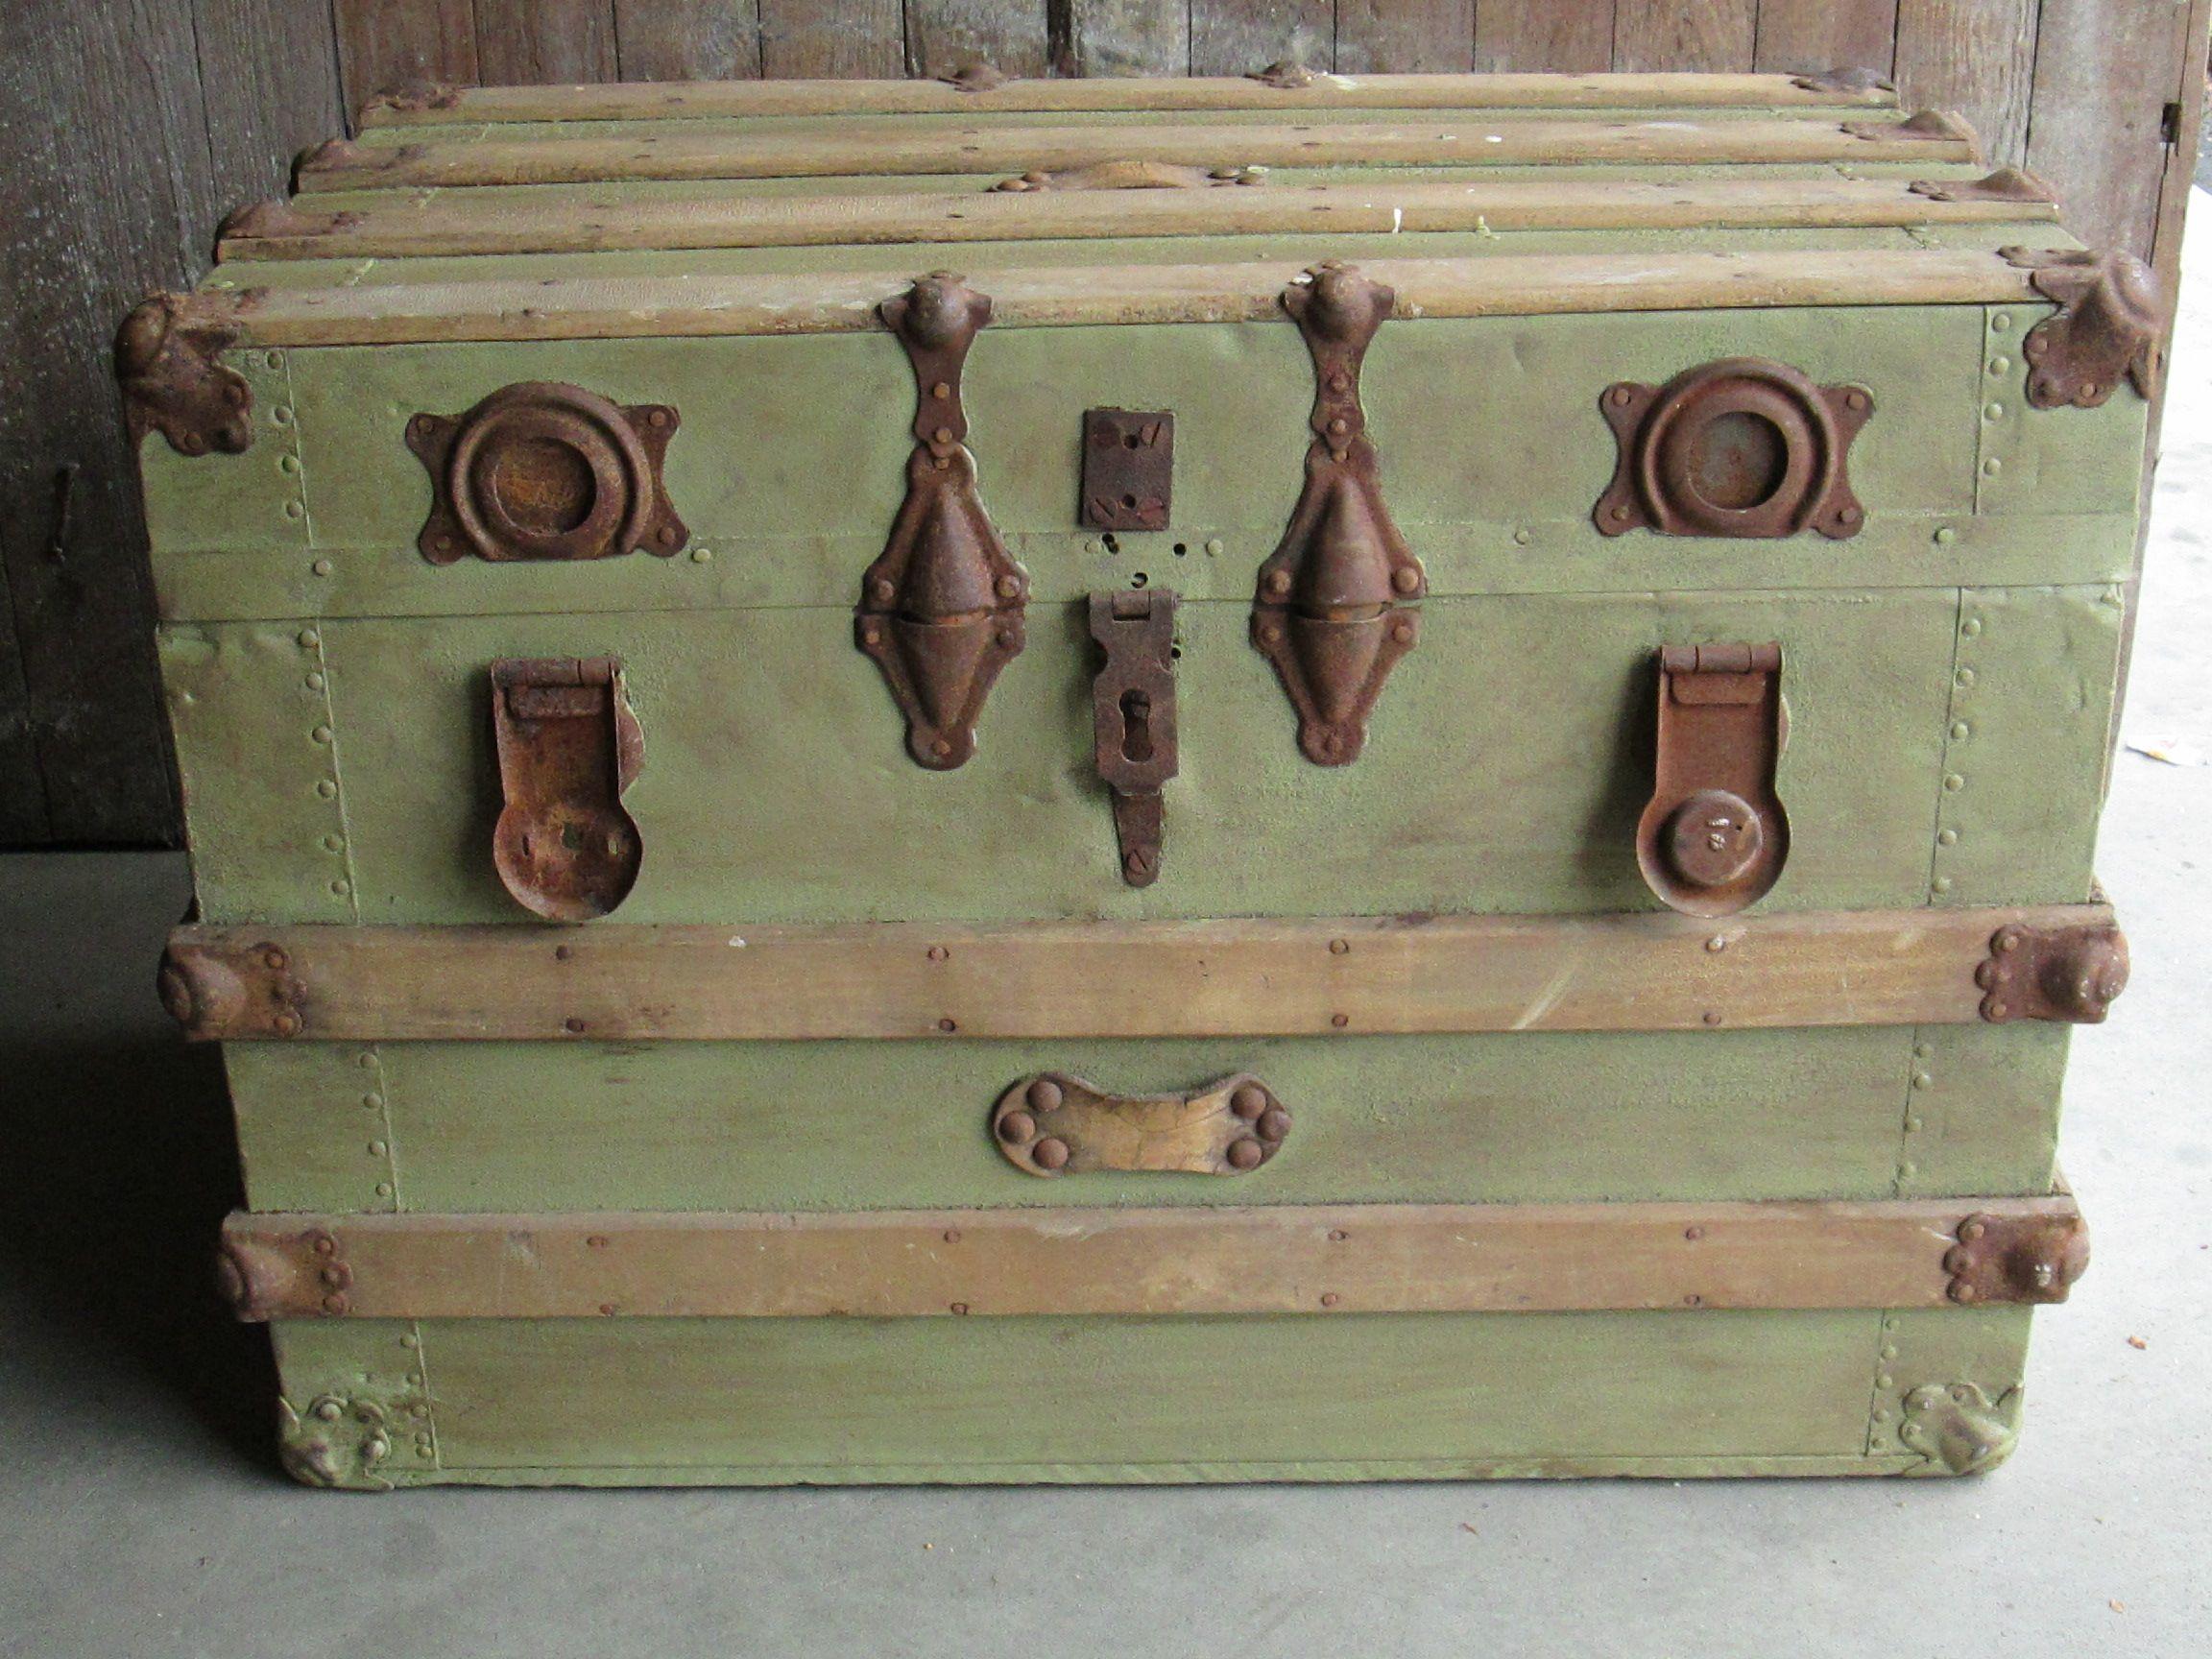 Uncategorized Vintage Wood Trunk best 25 antique trunks ideas on pinterest steamer trunk trunk